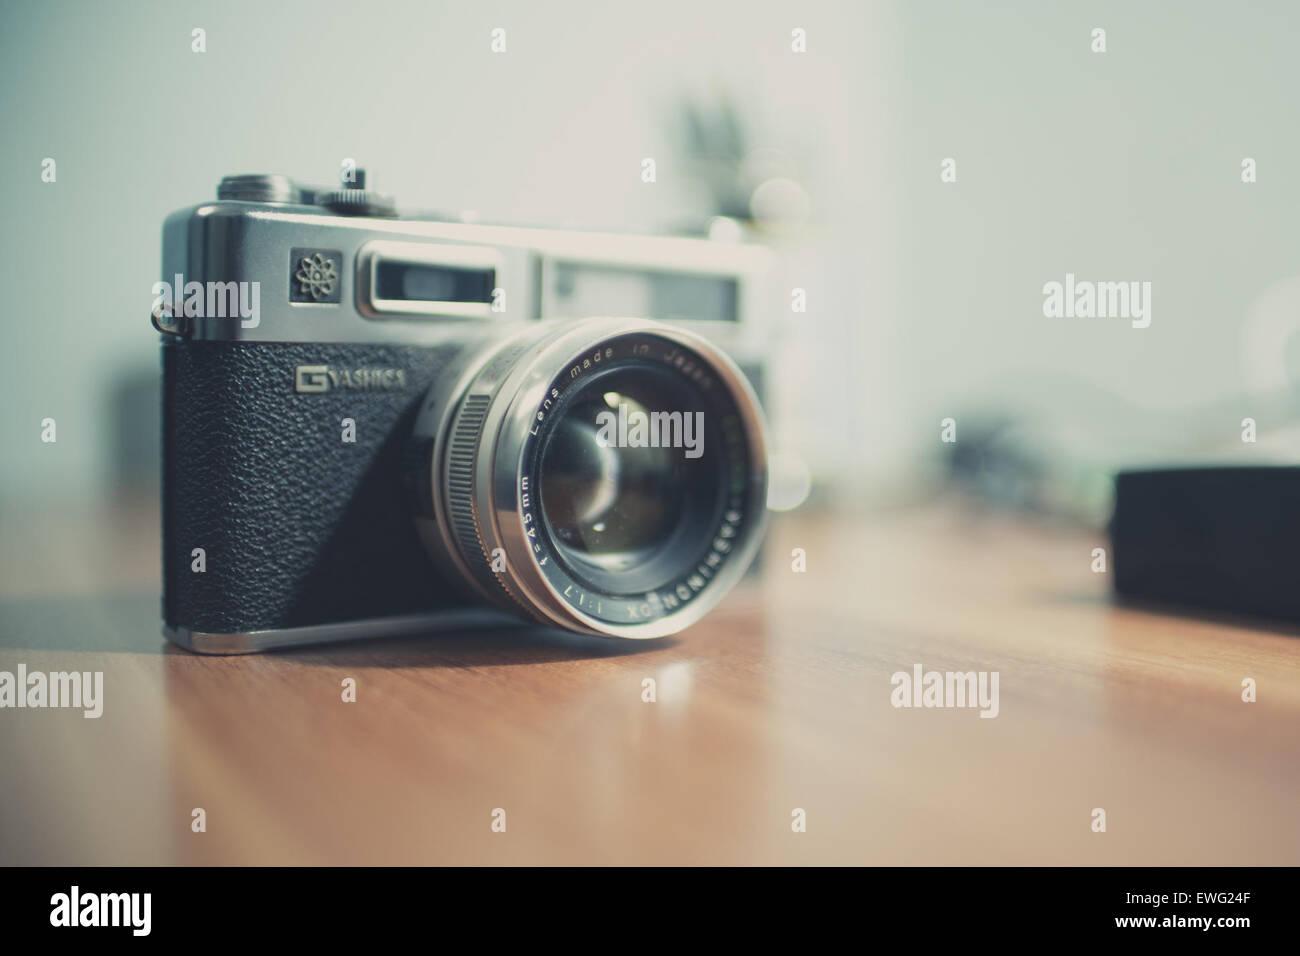 Appareil photo Yashica avec lentille à l'intérieur de bureau Équipement photographique photographie Photo Stock